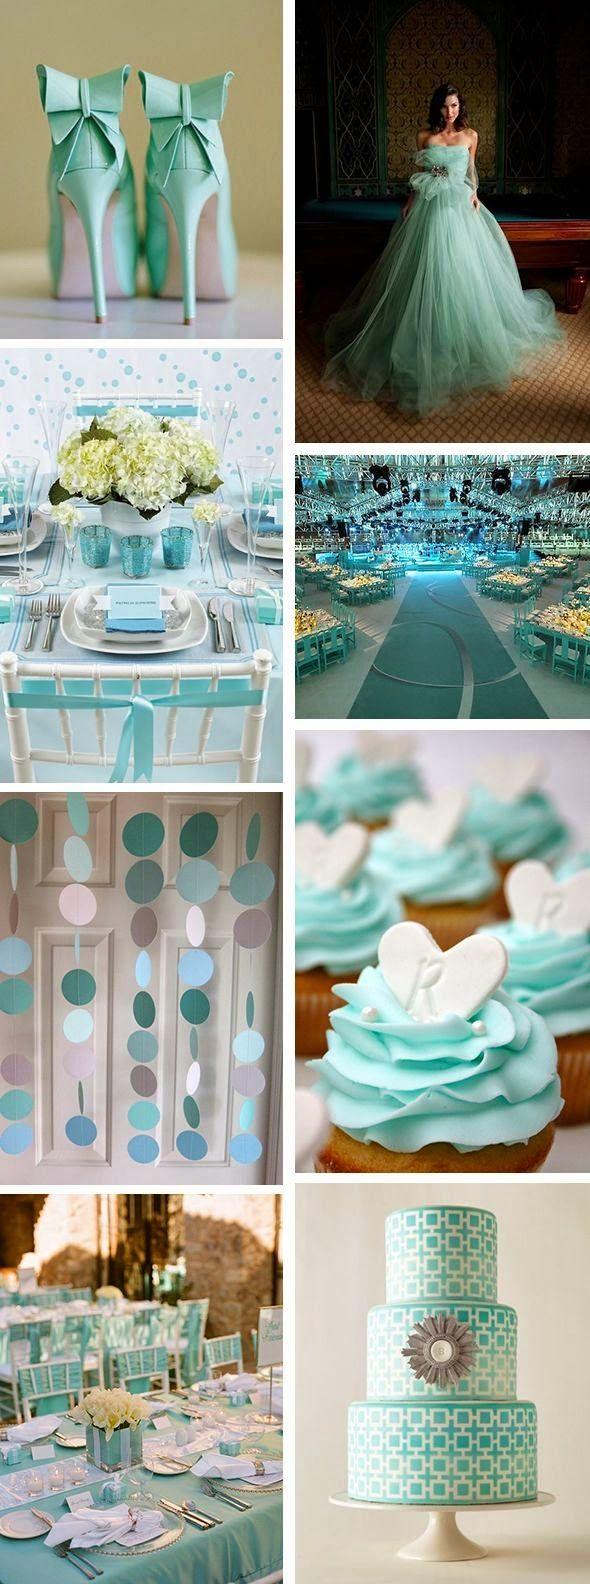 Tiffany Blue Wedding Theme: A New Favorite | Wedding Stuff Ideas